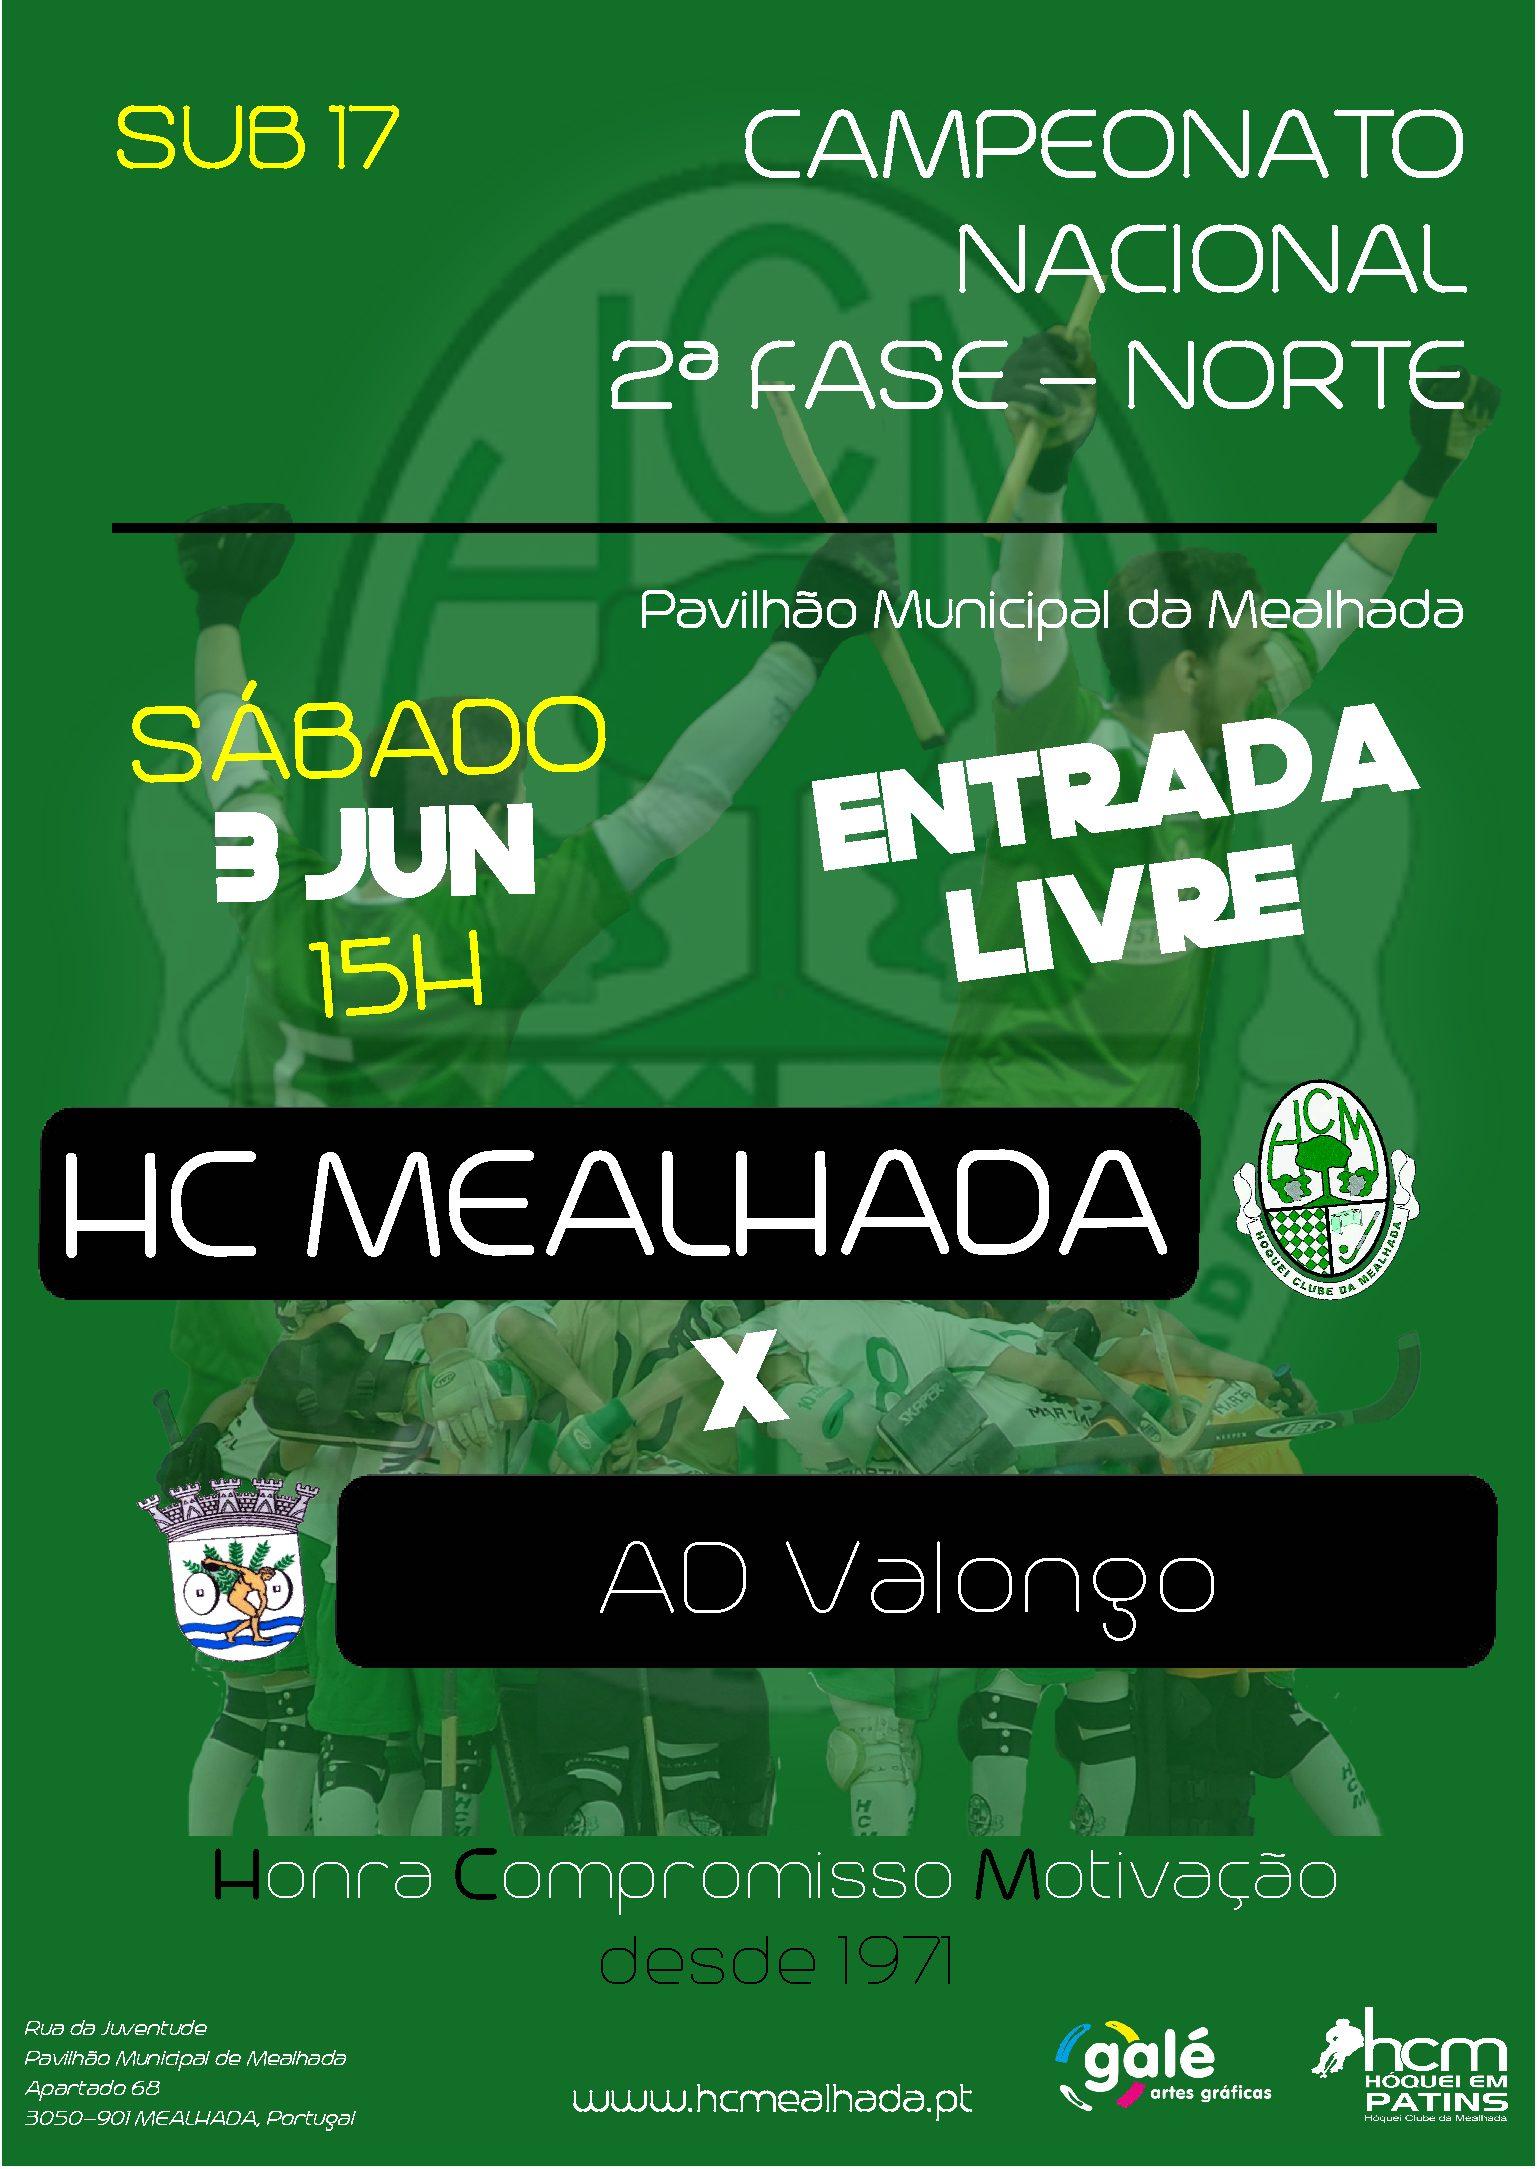 Sub17 do HCM têm amanhã jogo decisivo contra o AD Valongo